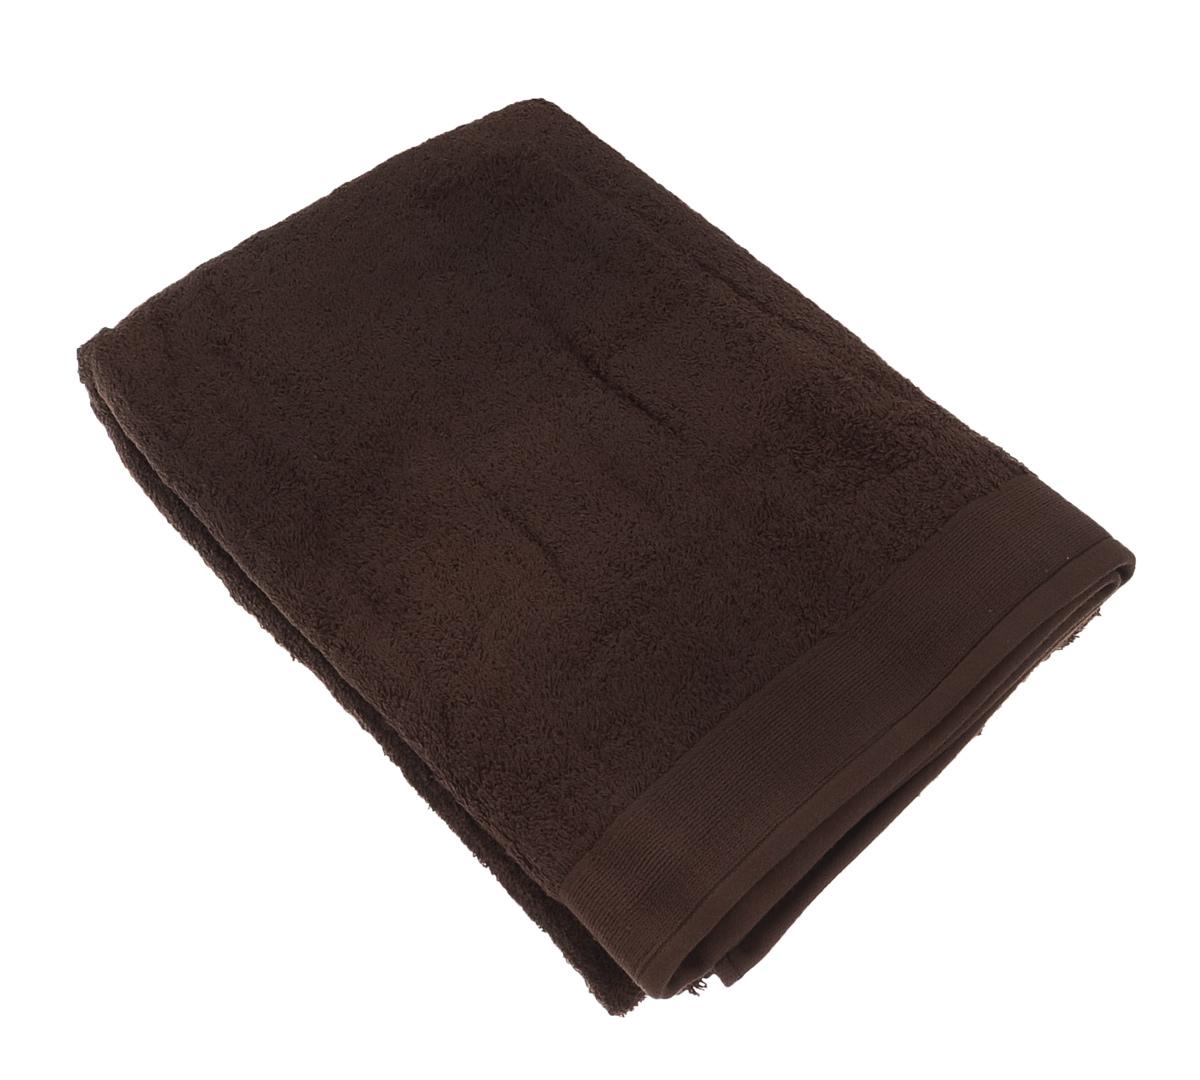 Полотенце махровое Guten Morgen, цвет: какао, 100 см х 150 см531-401Махровое полотенце Guten Morgen, изготовленное из натурального хлопка, прекрасно впитывает влагу и быстро сохнет. Высокая плотность ткани делает полотенце мягкими, прочными и пушистыми. При соблюдении рекомендаций по уходу изделие сохраняет яркость цвета и не теряет форму даже после многократных стирок. Махровое полотенце Guten Morgen станет достойным выбором для вас и приятным подарком для ваших близких. Мягкость и высокое качество материала, из которого изготовлено полотенце, не оставит вас равнодушными.